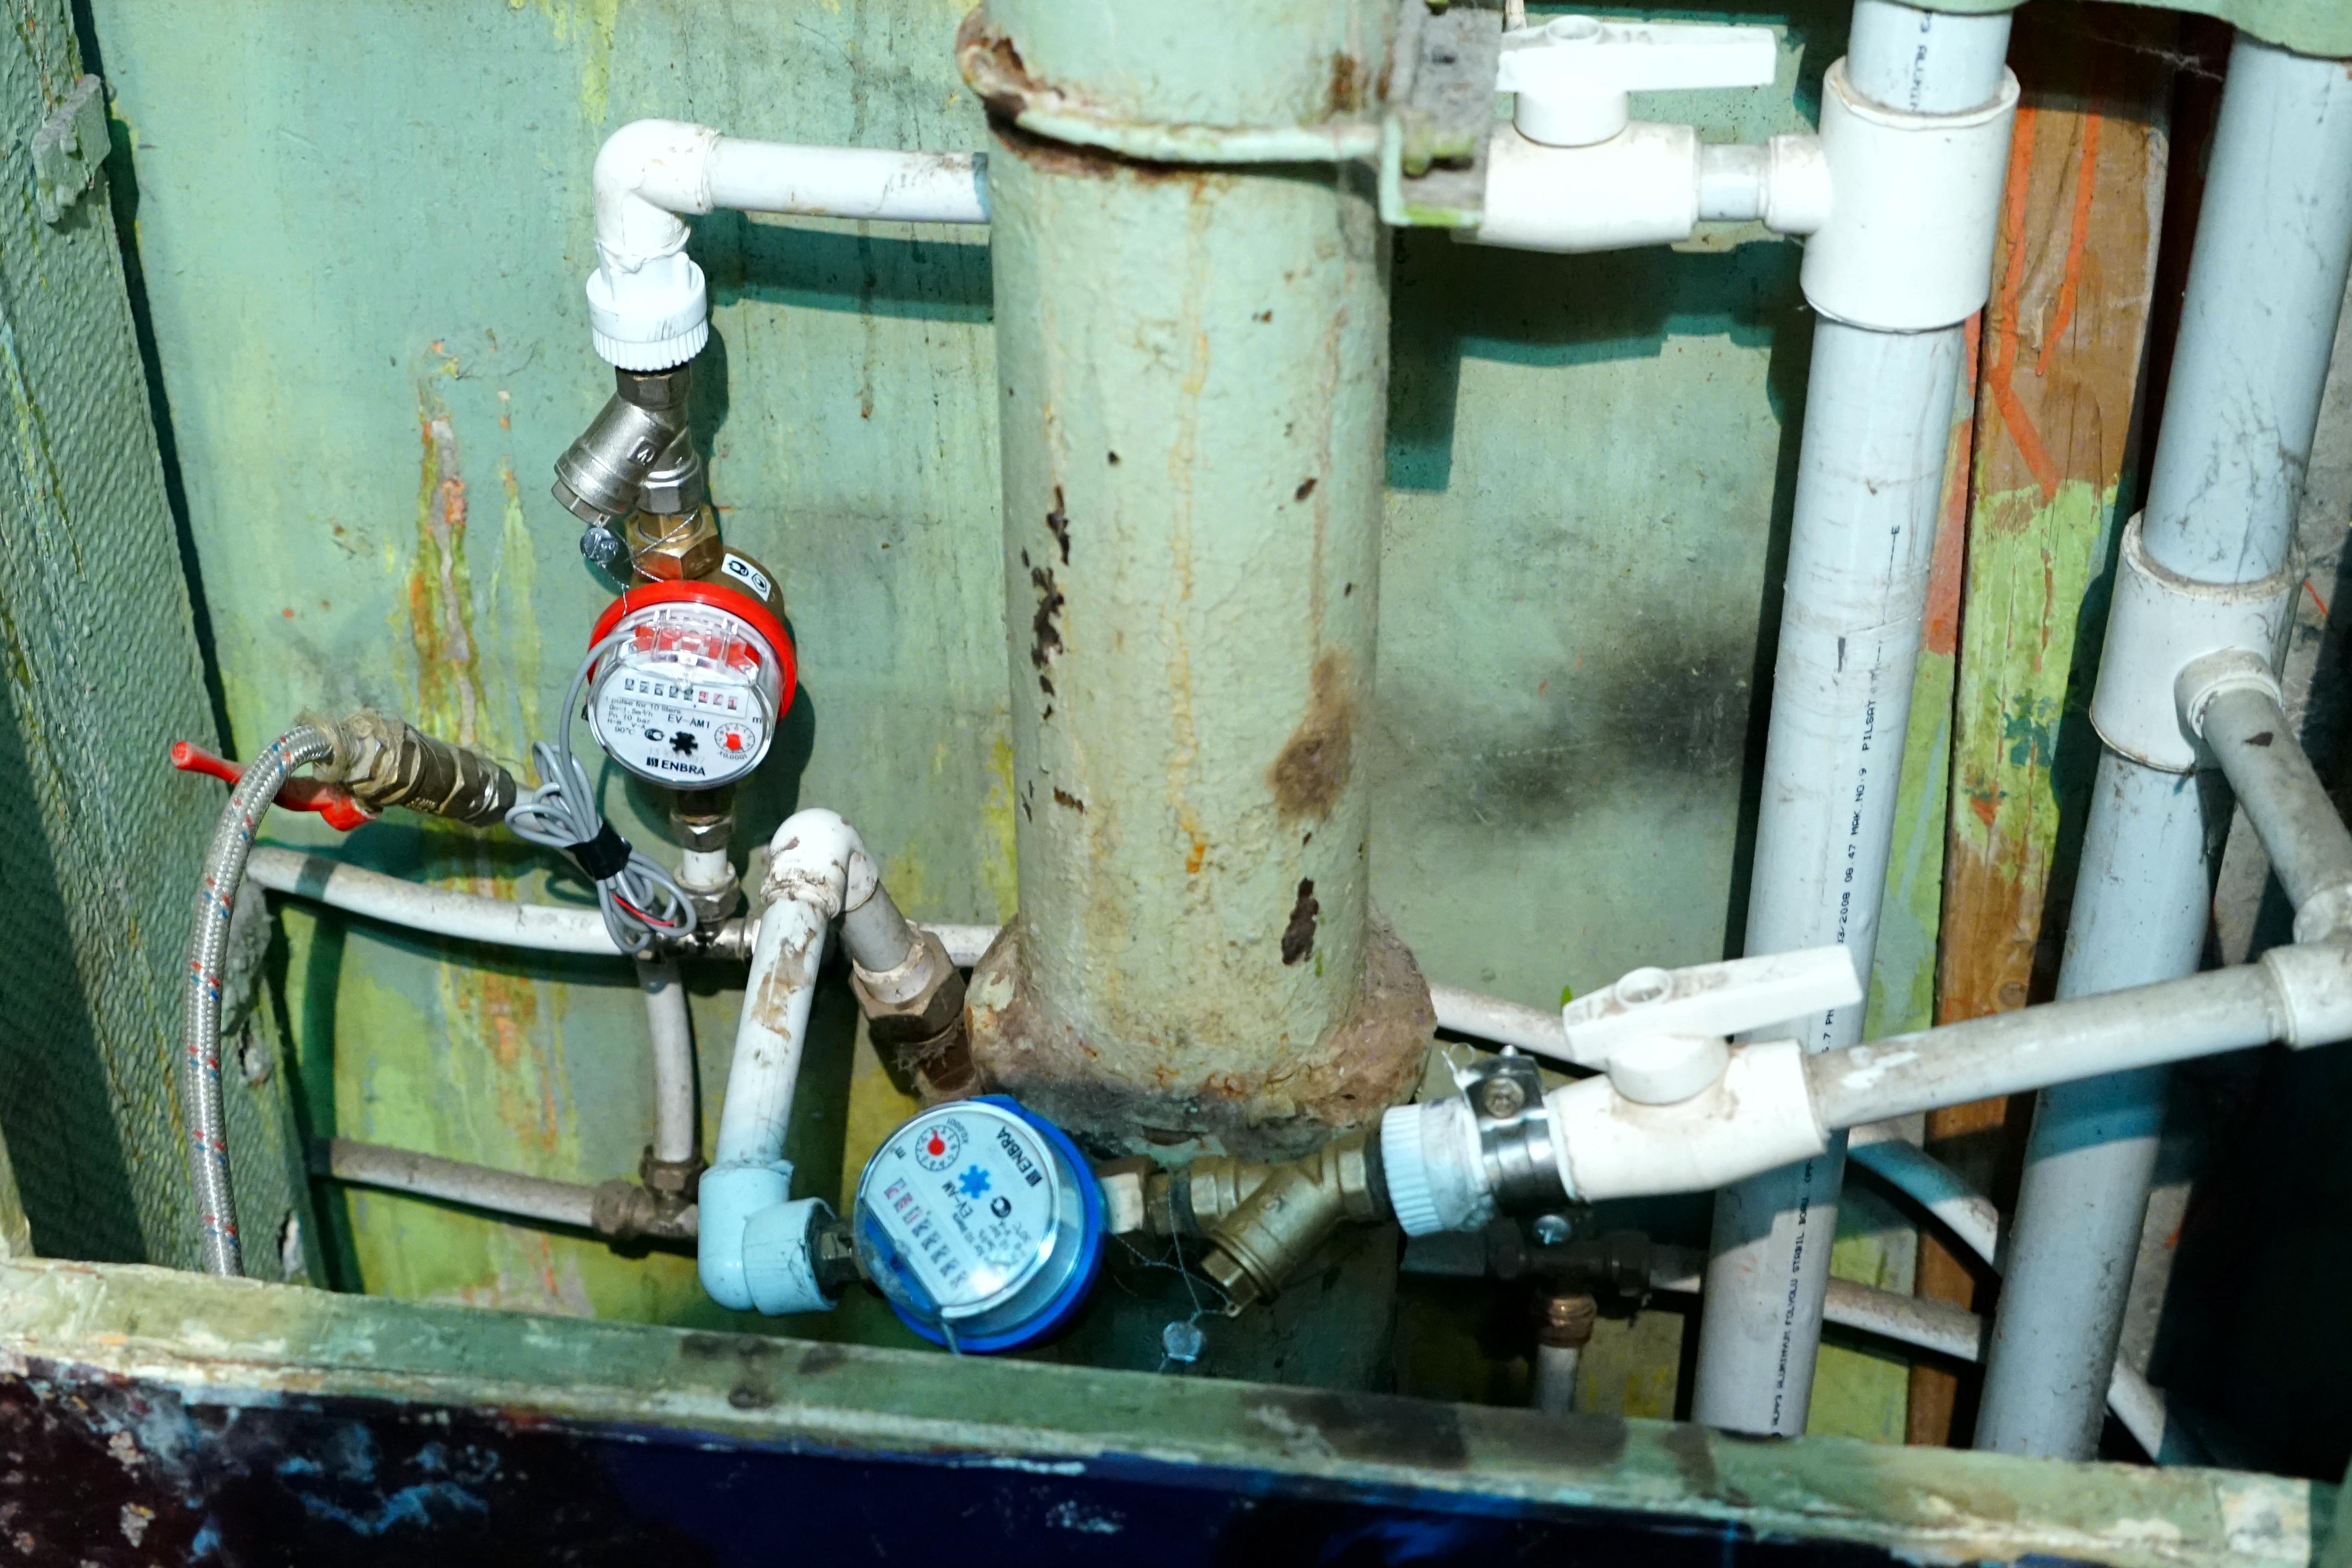 Установка счетчиков на воду: стоимость счетчиков, правила 68